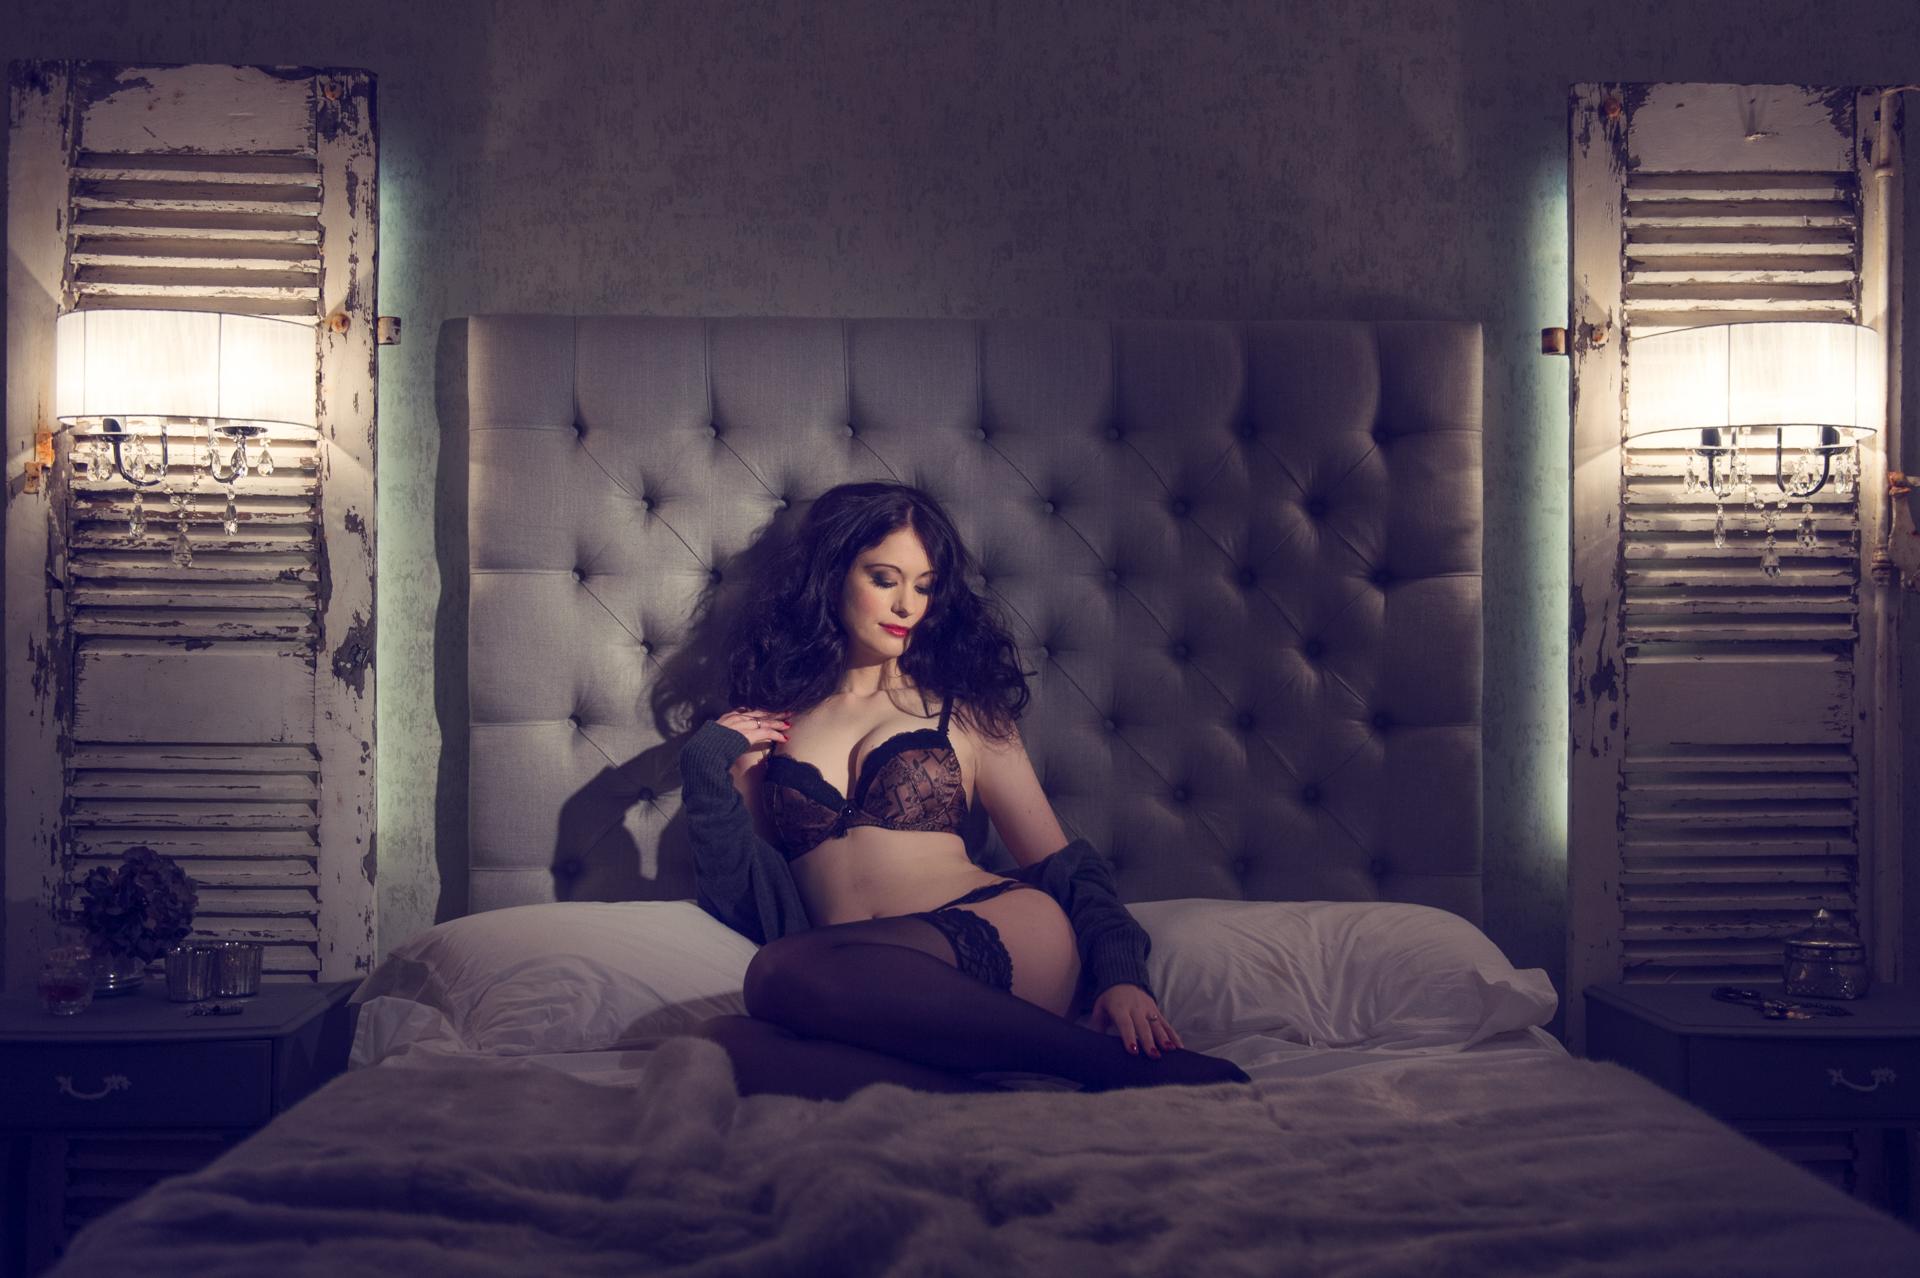 https://katehopewellsmith.com/wp-content/uploads/0011_uk_boudoir_photographer_kate_hopewell-smith.jpg